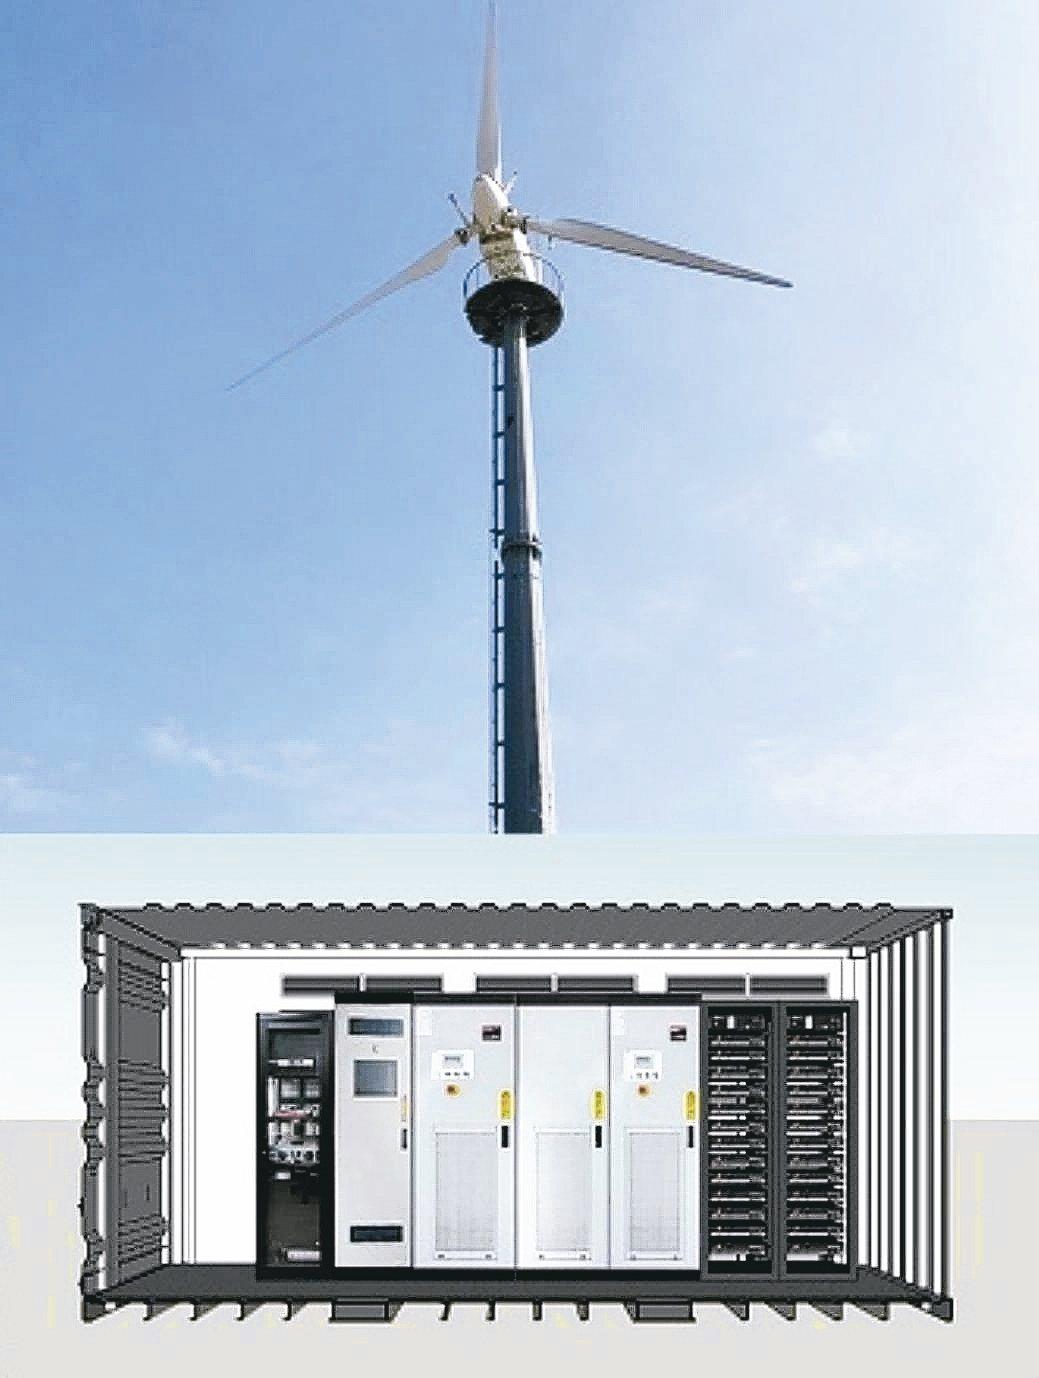 見智科技儲能系統(ESS)應用於風力發電系統。 見智科技/提供